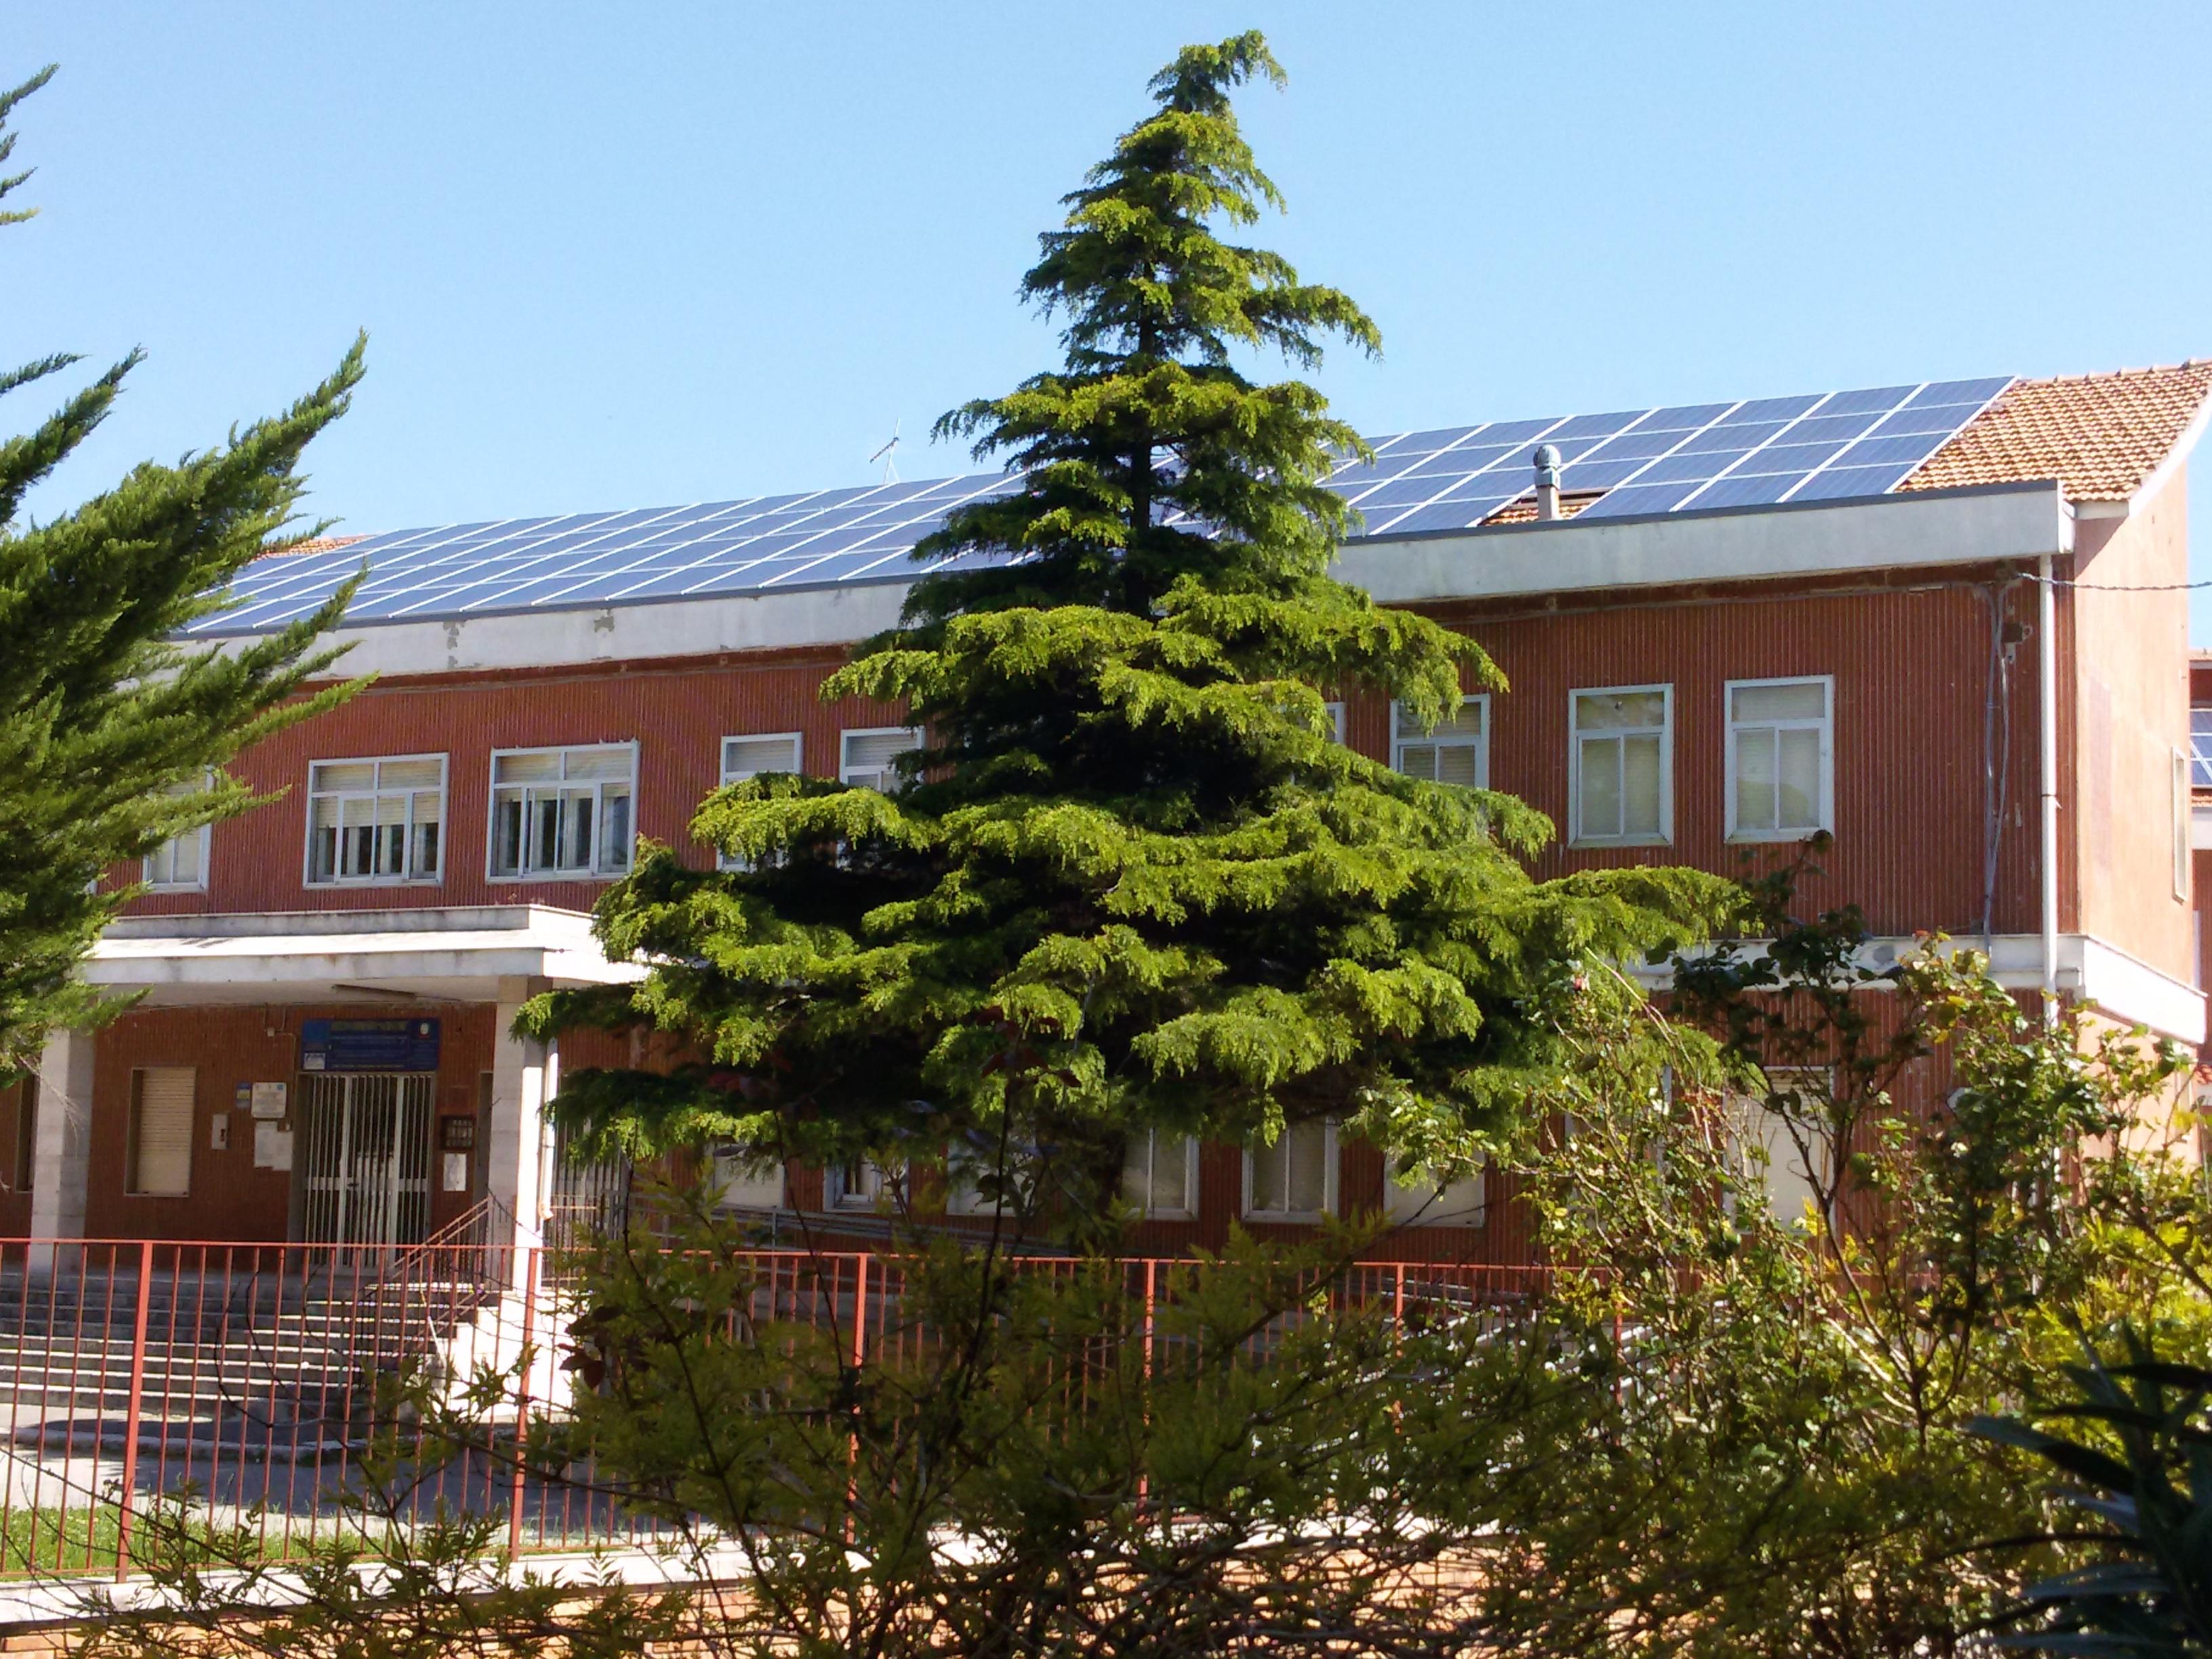 La scuola di Orsara con pannelli solari